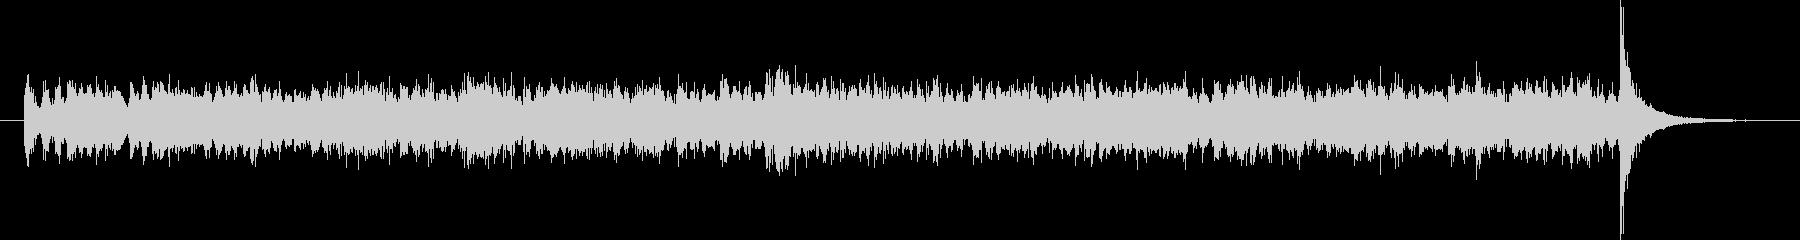 【長】結果発表!(ドラムロール)の未再生の波形